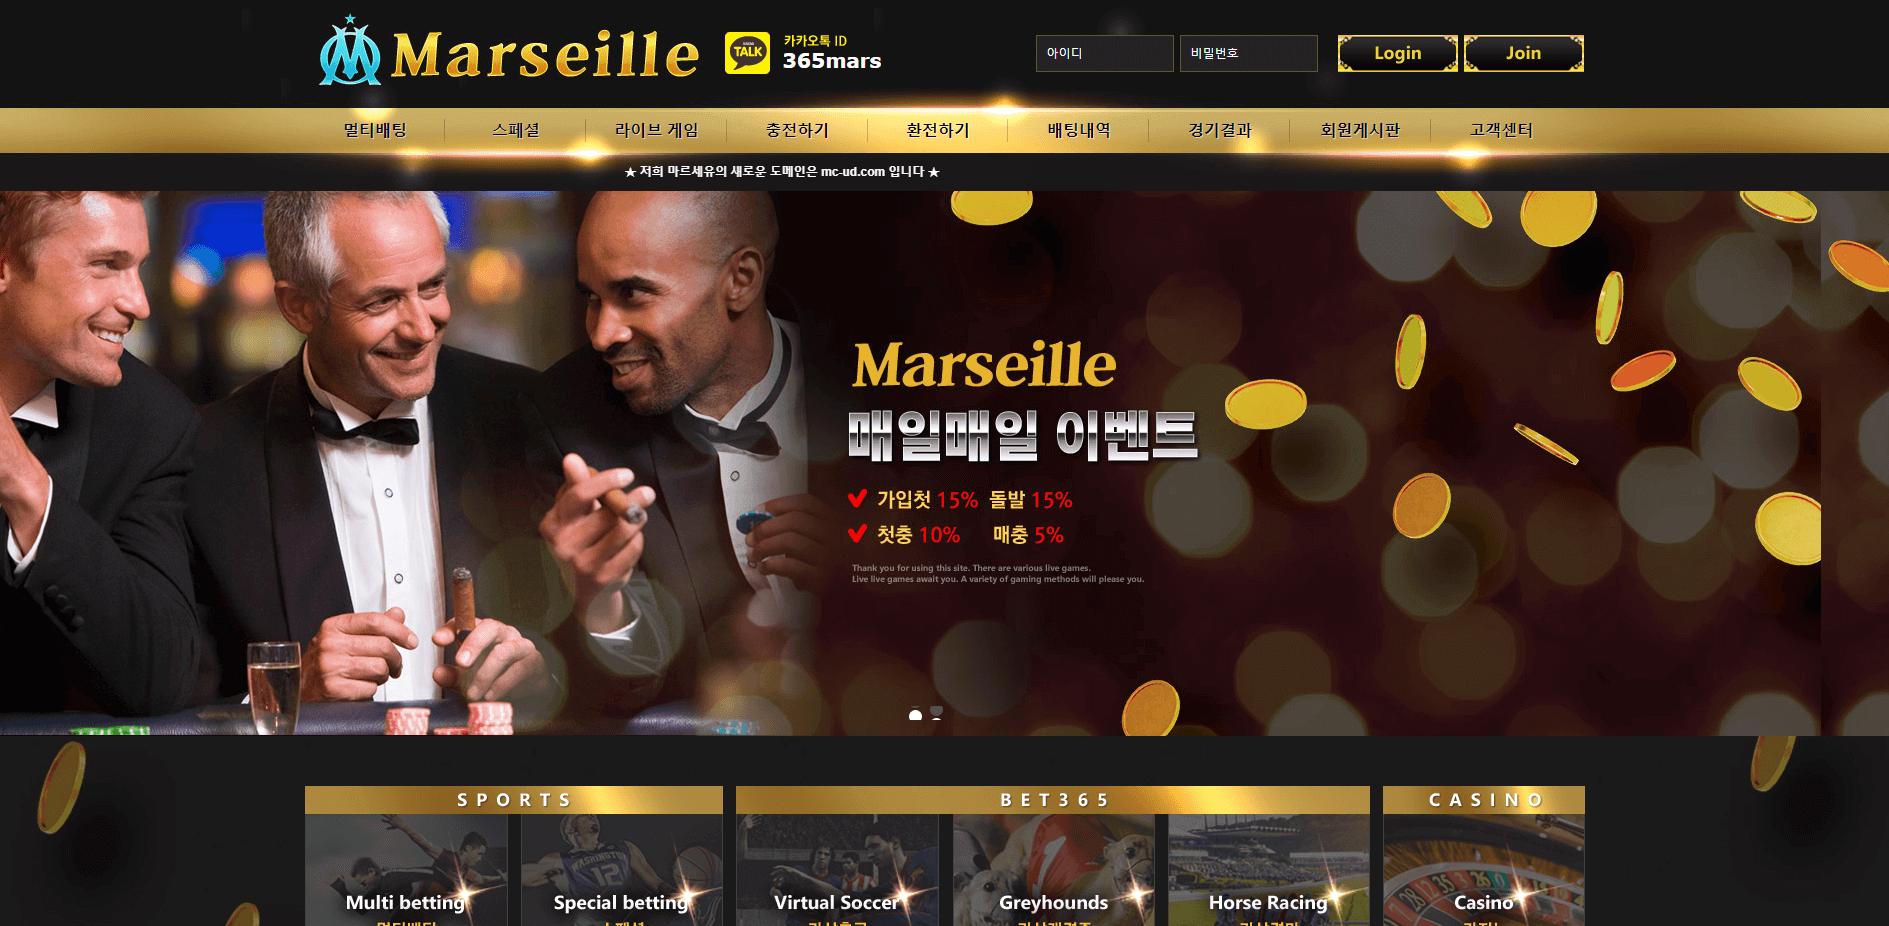 [먹튀검증]MARSEILLE(마르세유) mc-ud.com 먹튀사이트 확정 토토사이트 먹튀검증업체 토토안내소